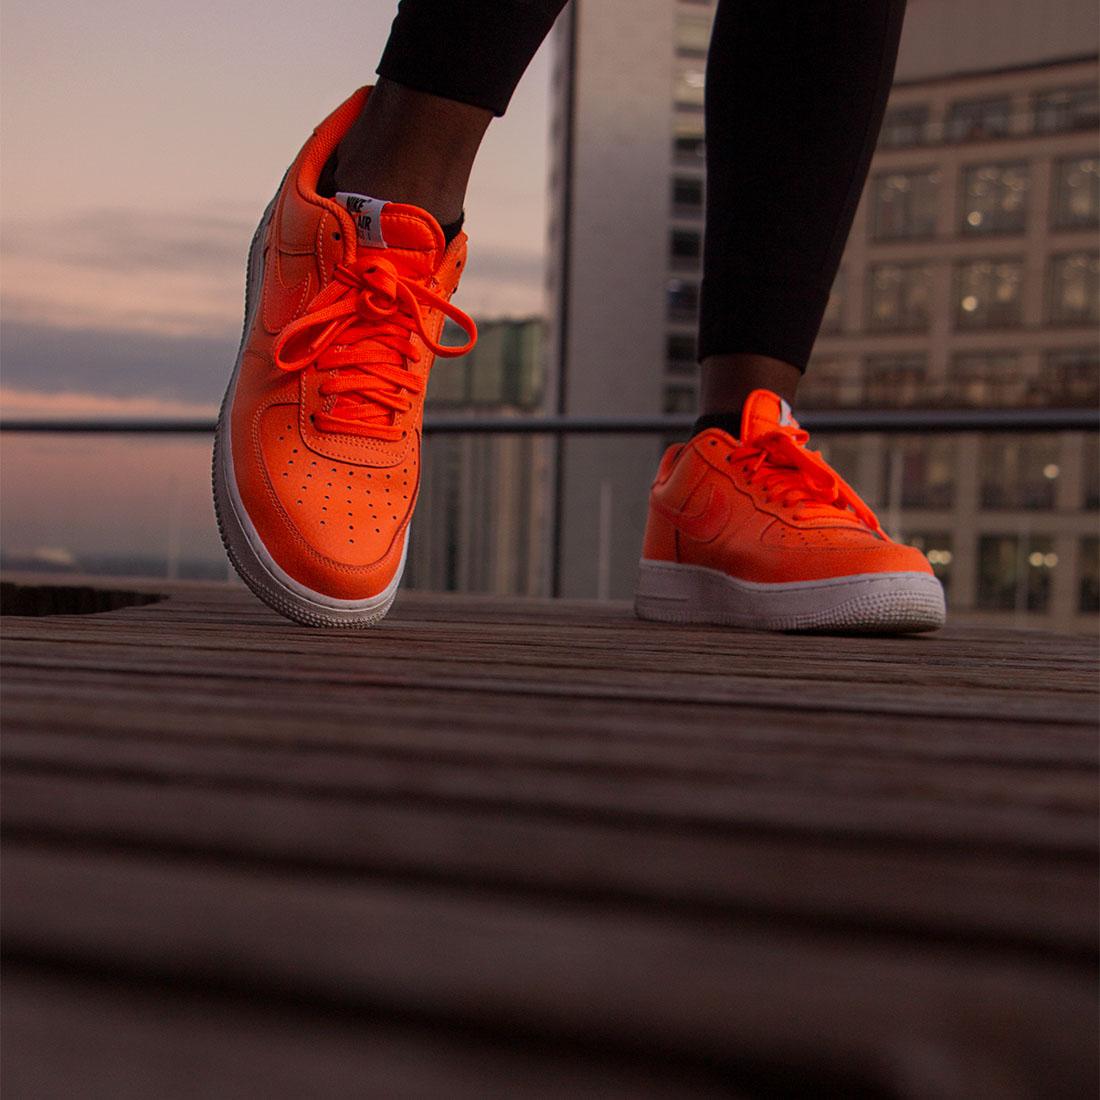 Birmingham fashion photographer, orange Nike shoes, sport fashion photography